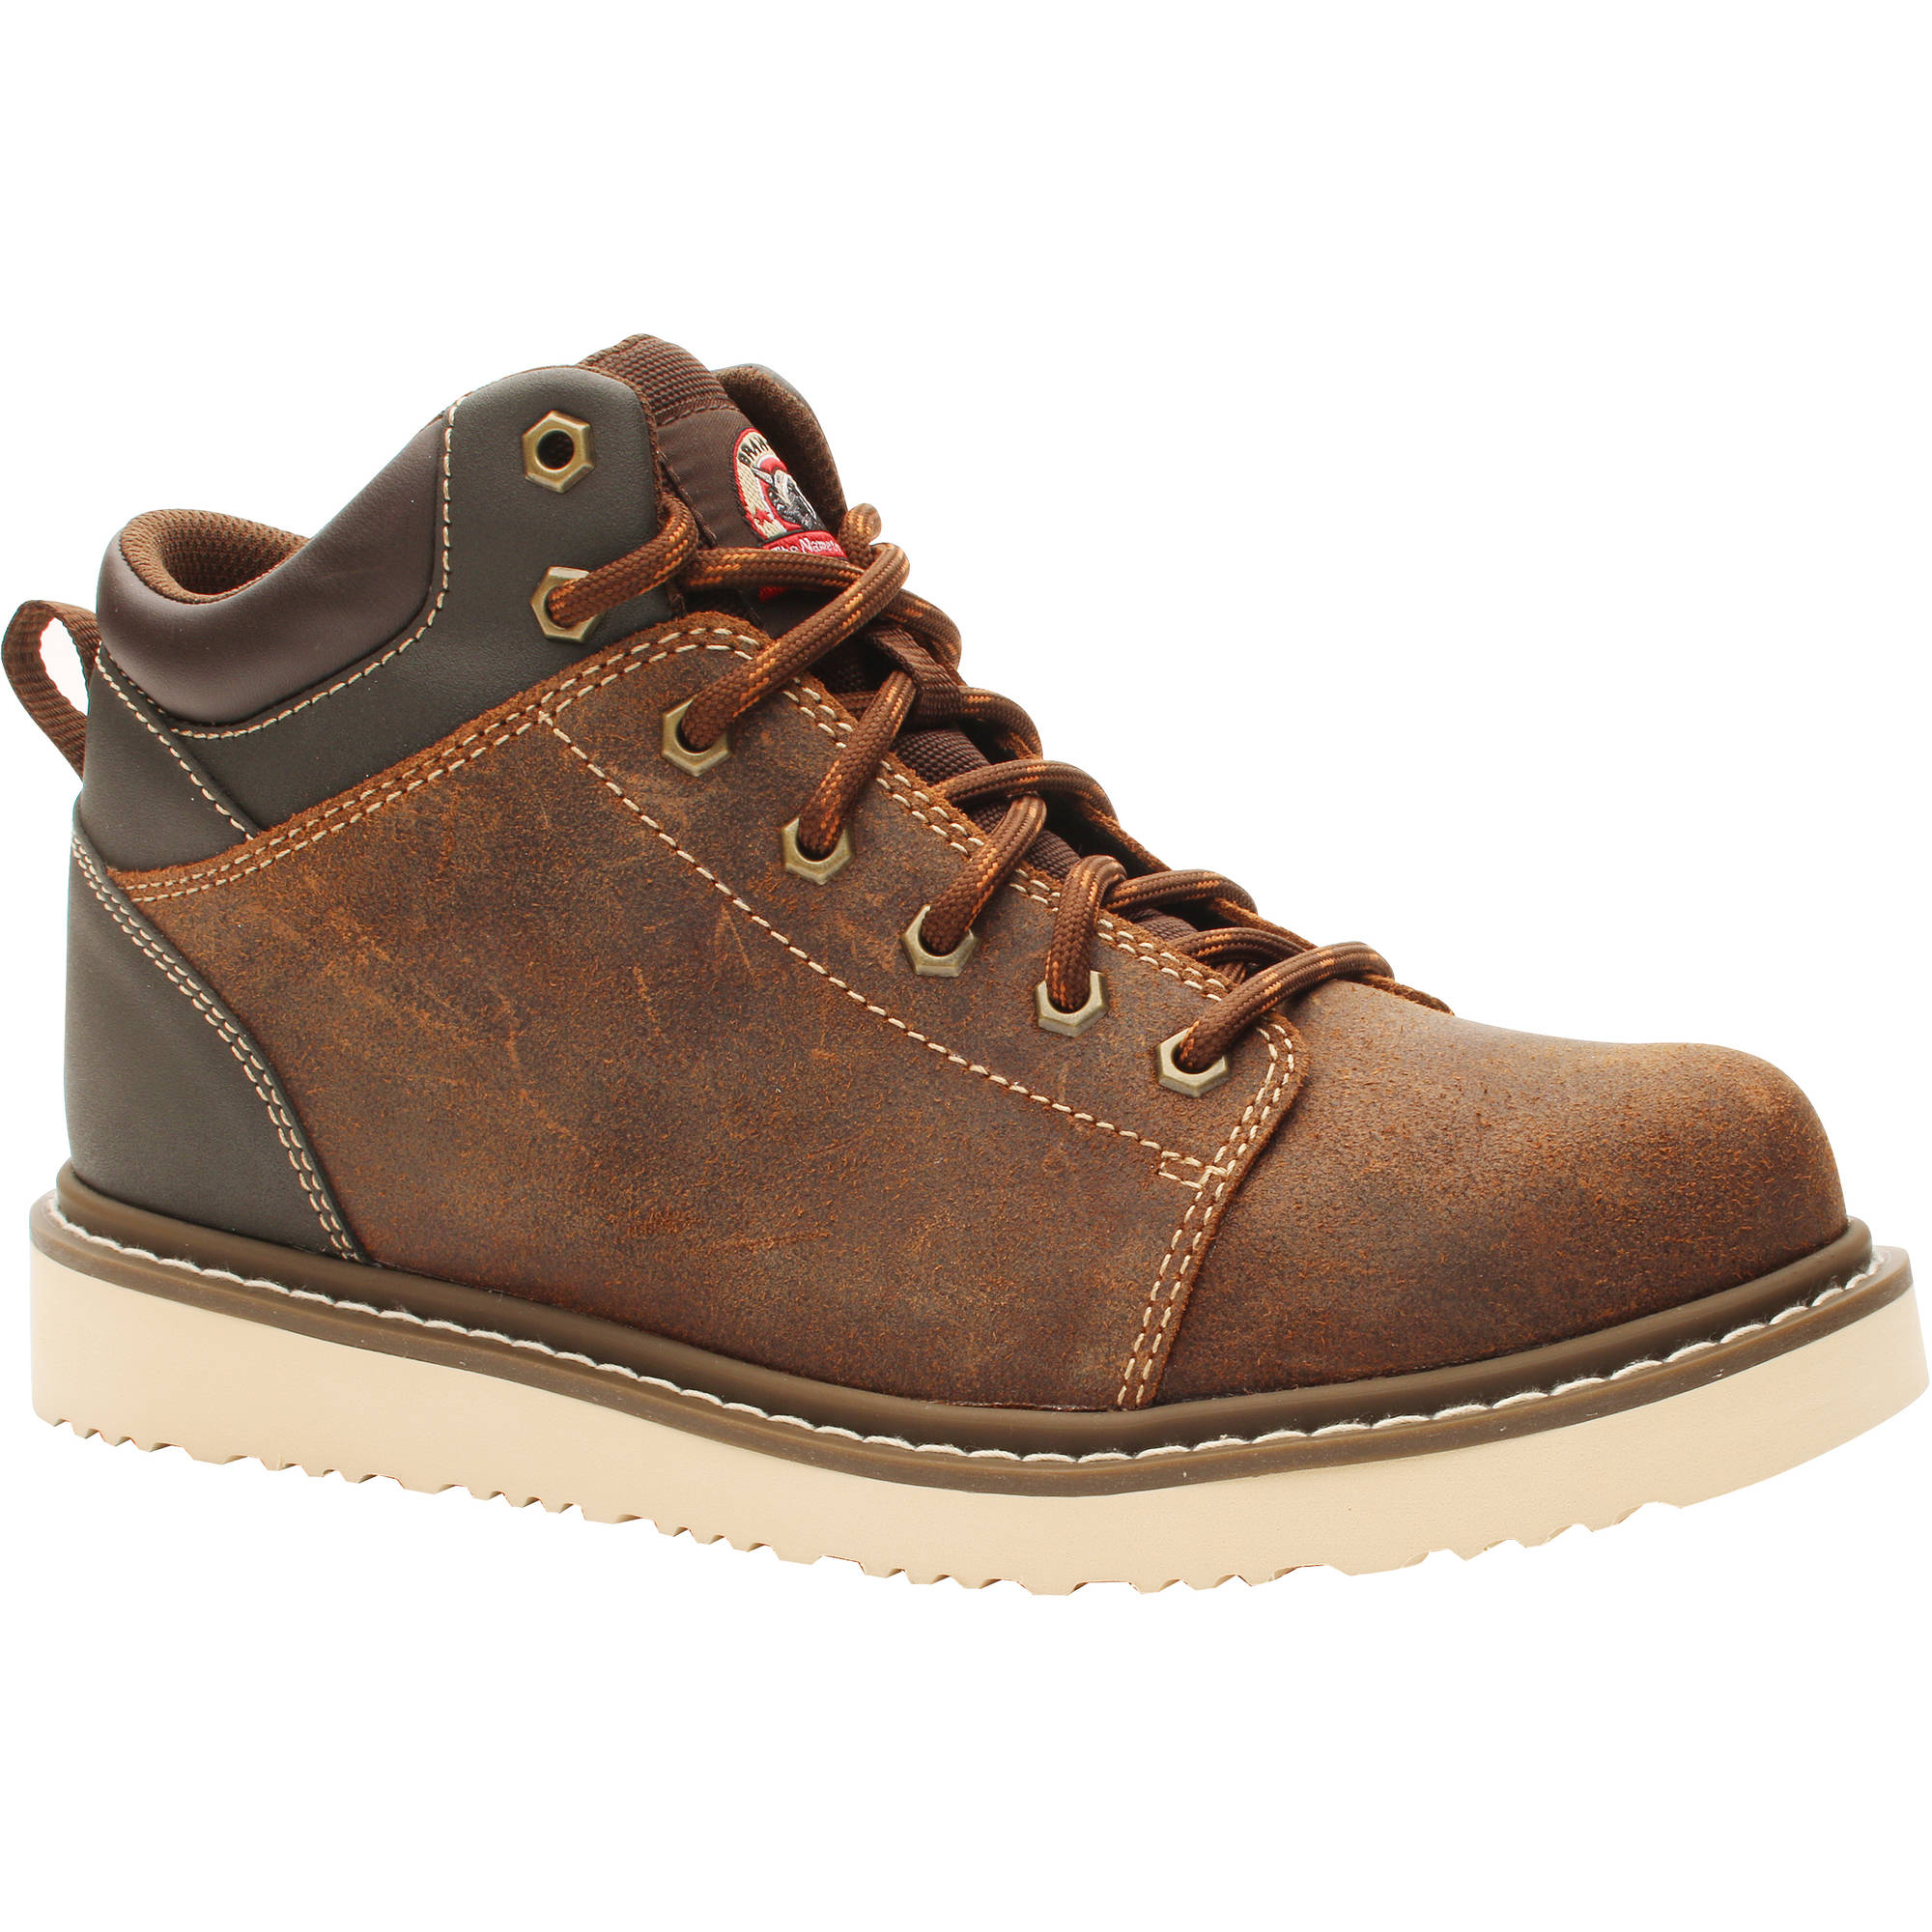 Eee Mens Work Shoes